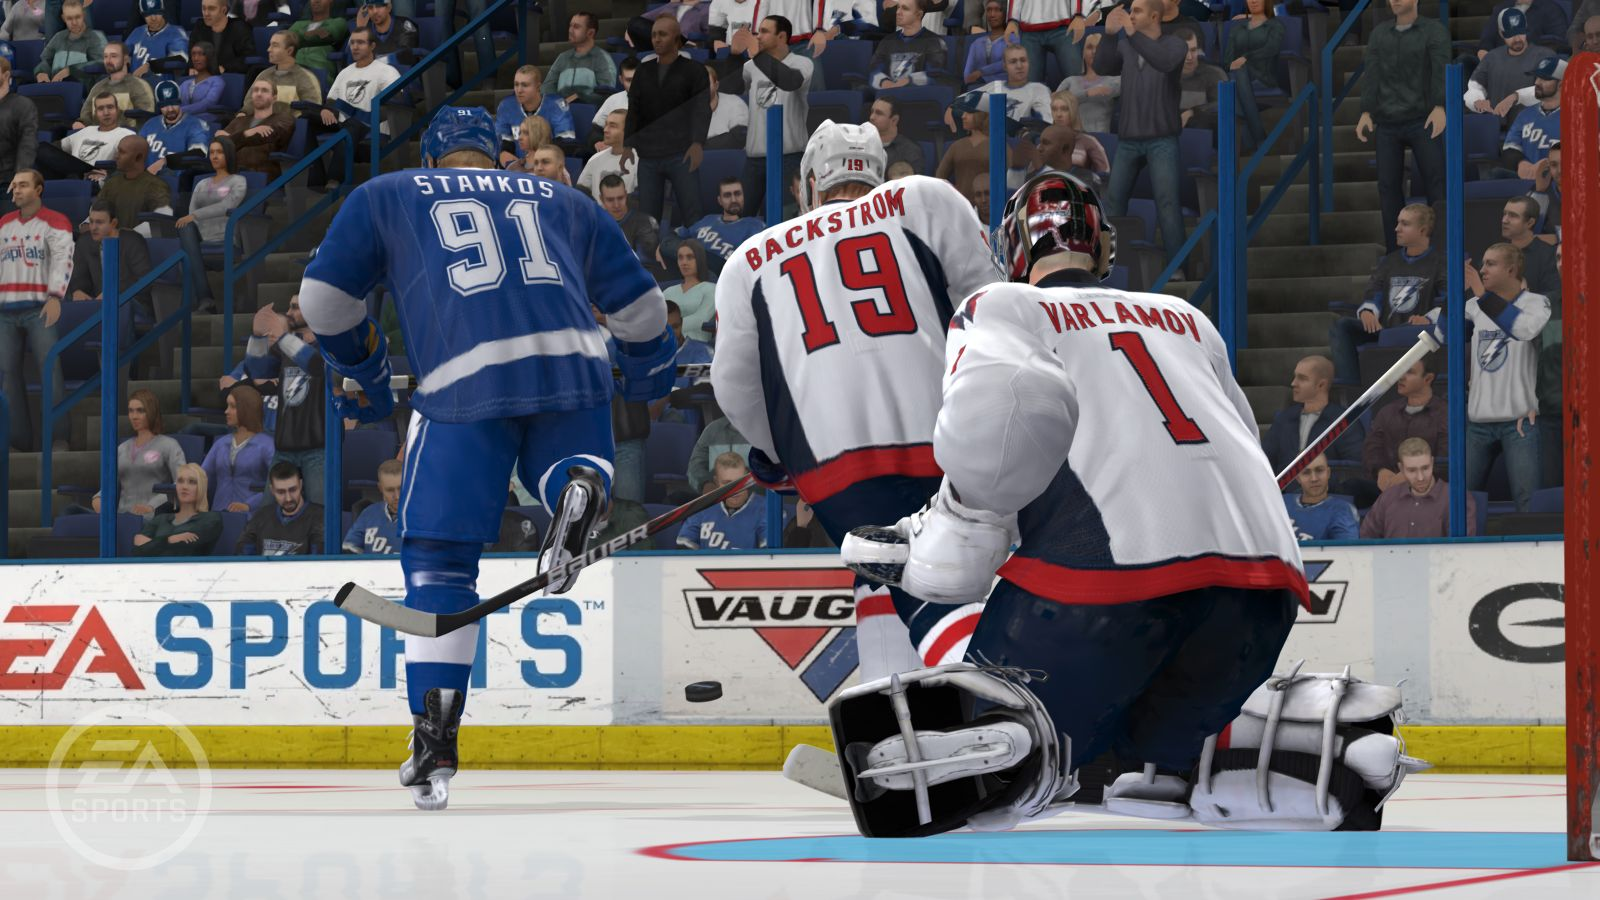 Tváří NHL 12 je Steven Stamkos 45418